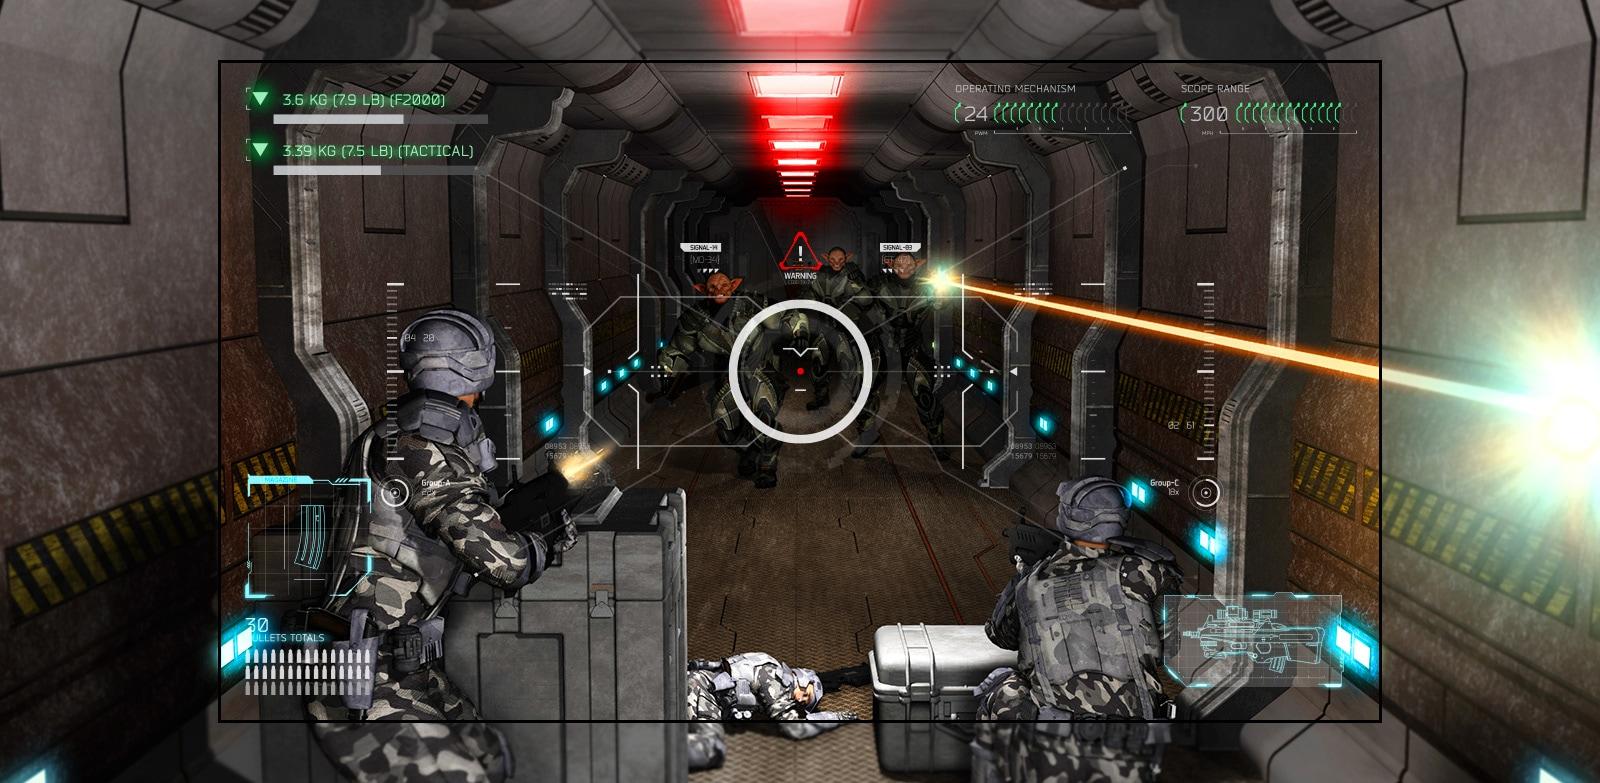 על מסך הטלוויזיה נראית סצנה ממשחק יריות. השחקן נמצא בעמדת נחיתות מול חייזרים עם רובים.